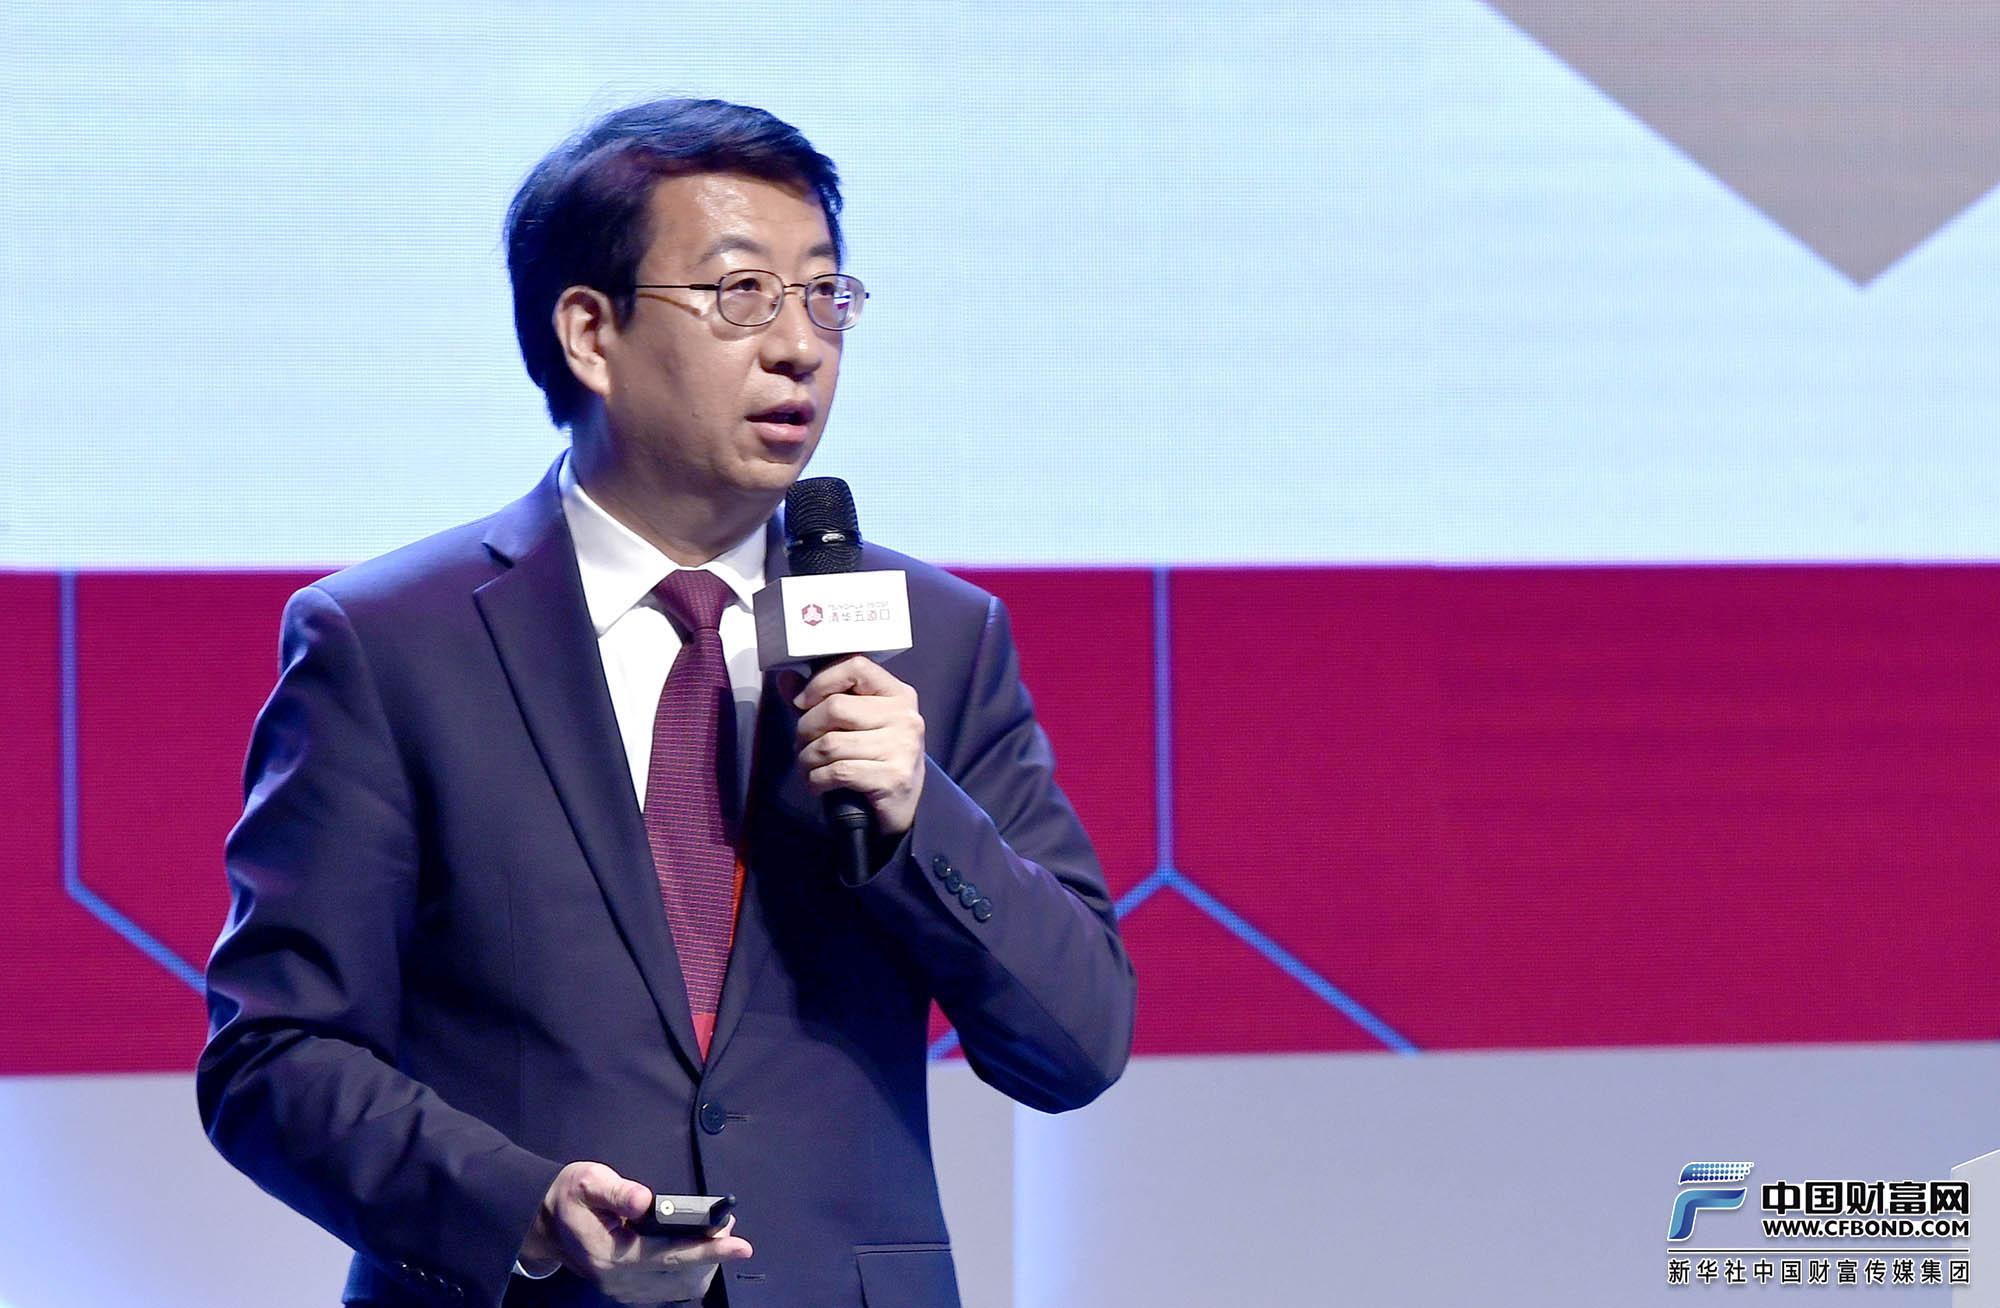 中金公司楚钢:企业家是推动创新和经济发展的主体